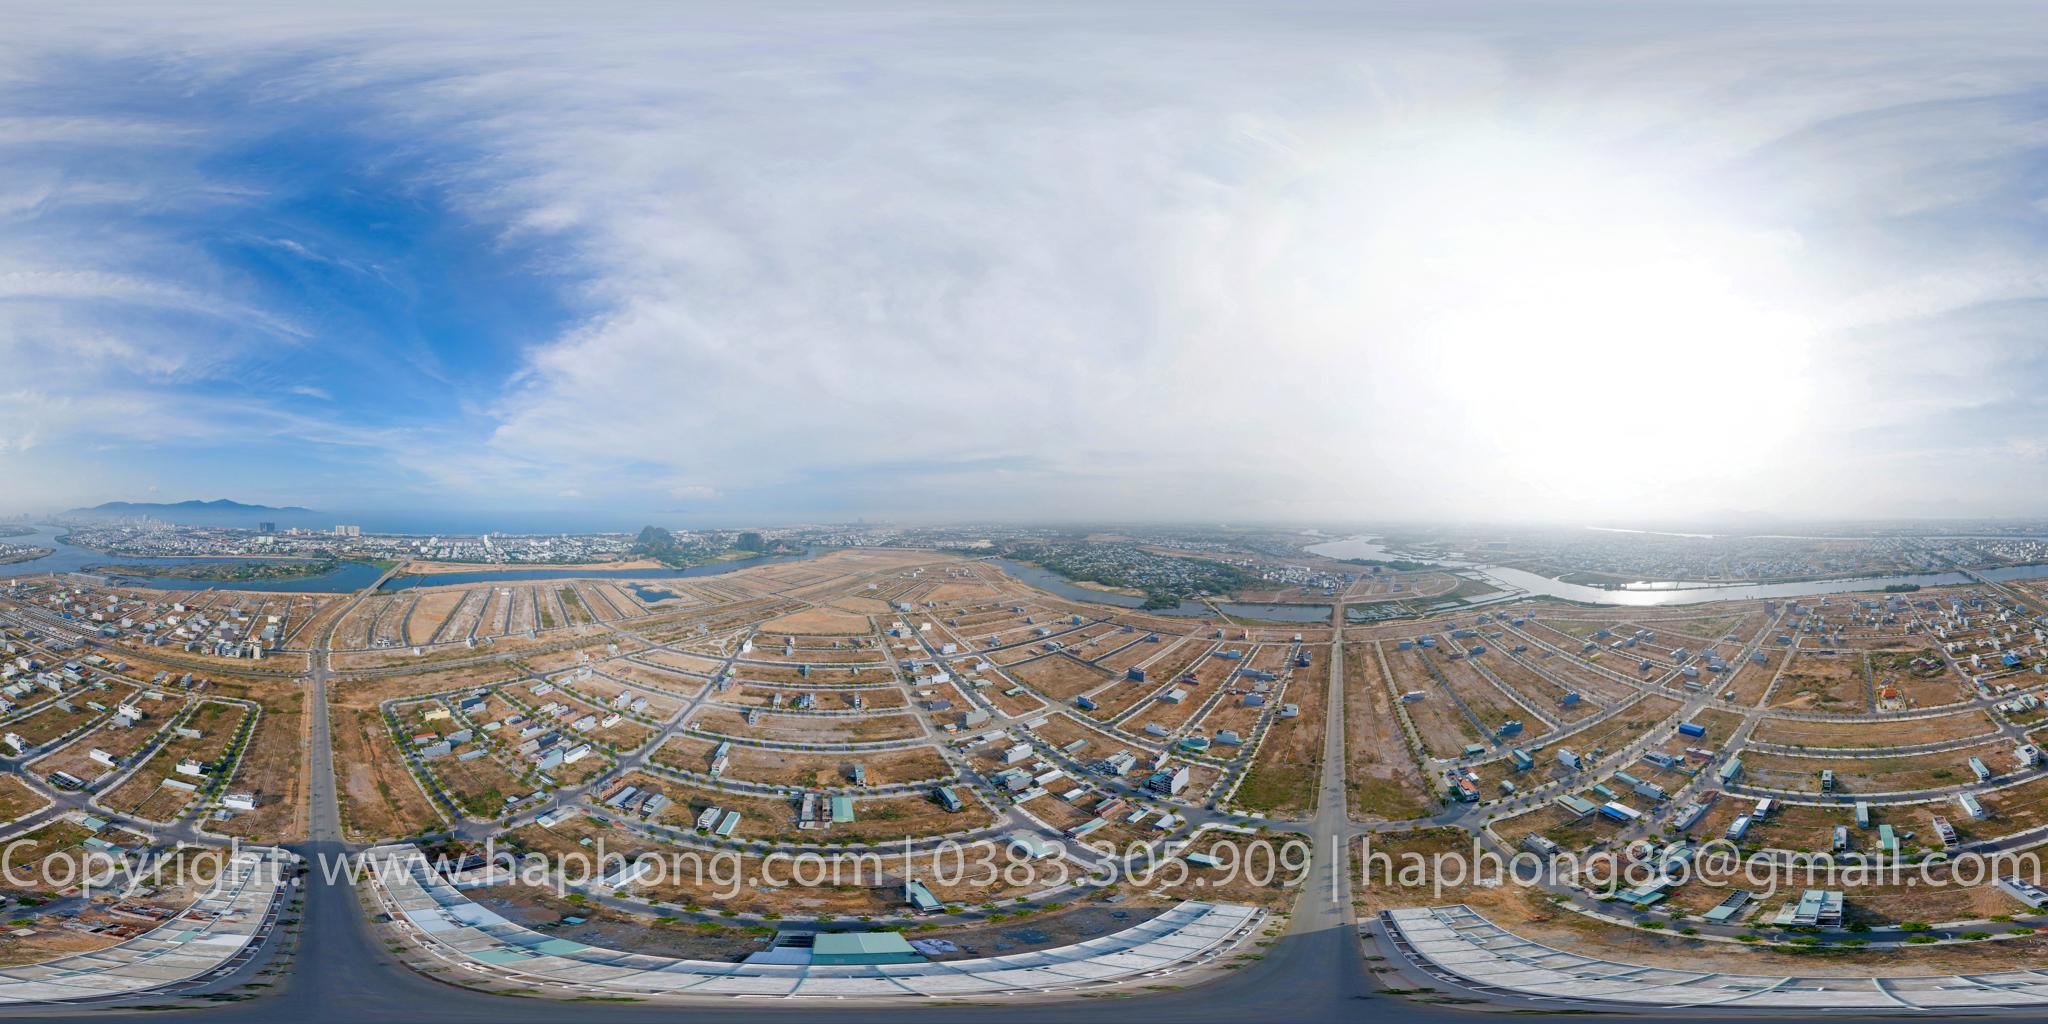 CHỤP ẢNH 360, 360 VIRTUAL TOURS, GOOGLE BUSINESS VIEW: Nam Hòa Xuân, Cẩm Lệ, Đà Nẵng